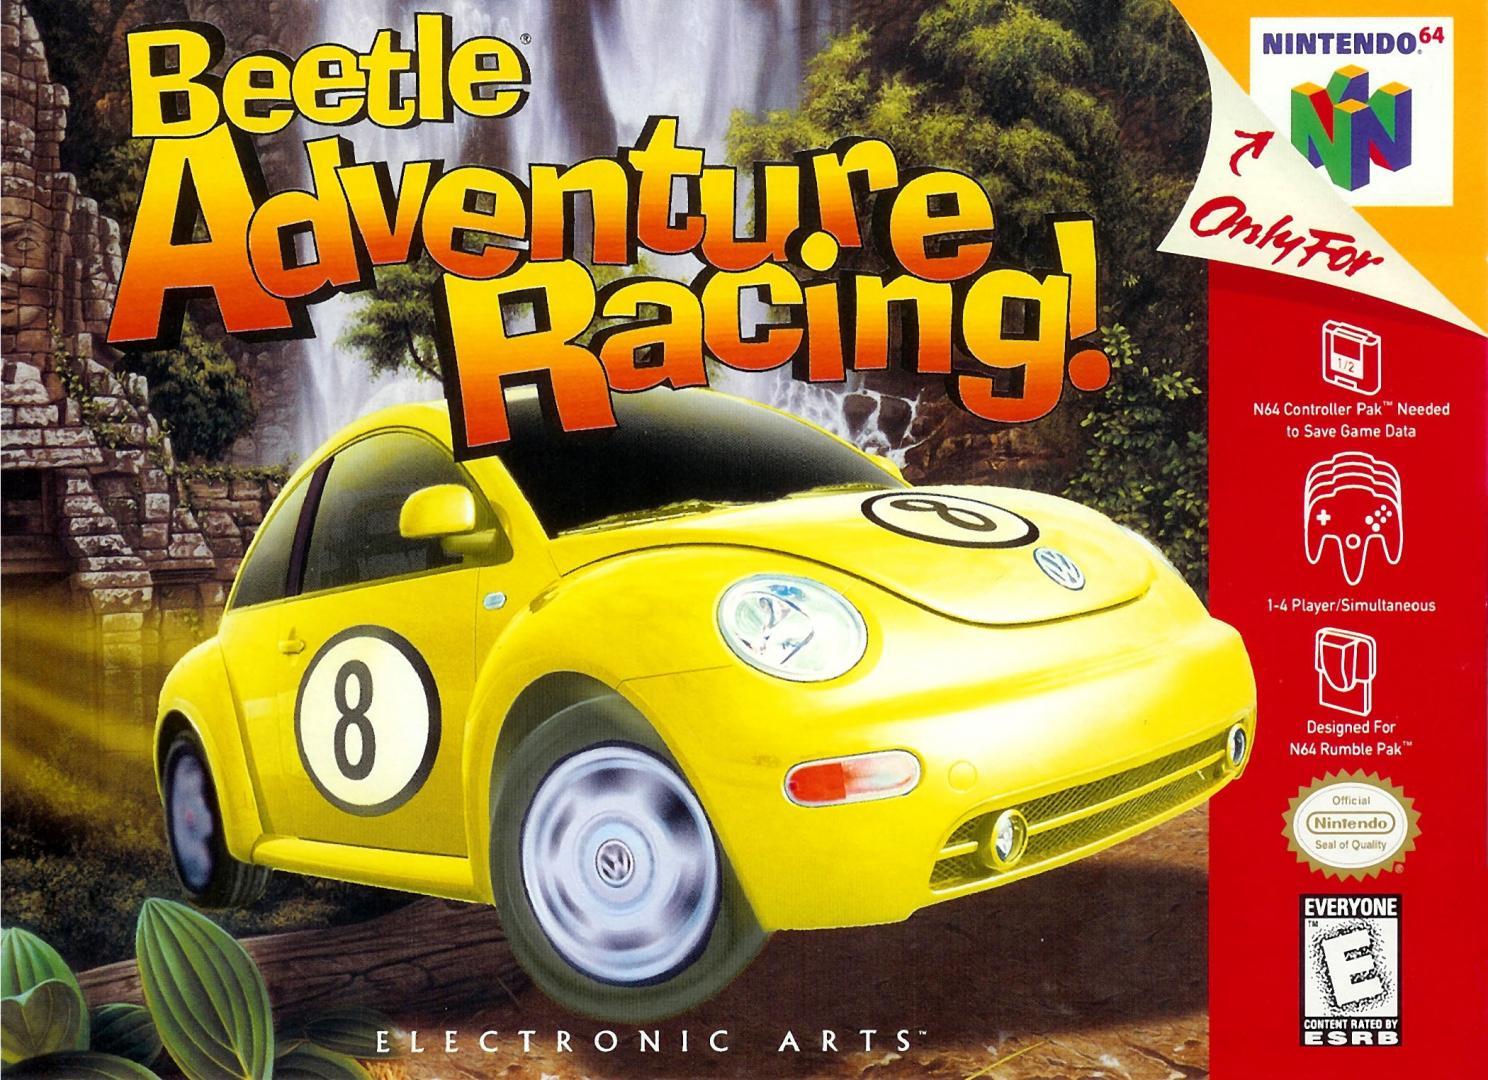 n64_beetle_adventure_racing_p_om1hy2